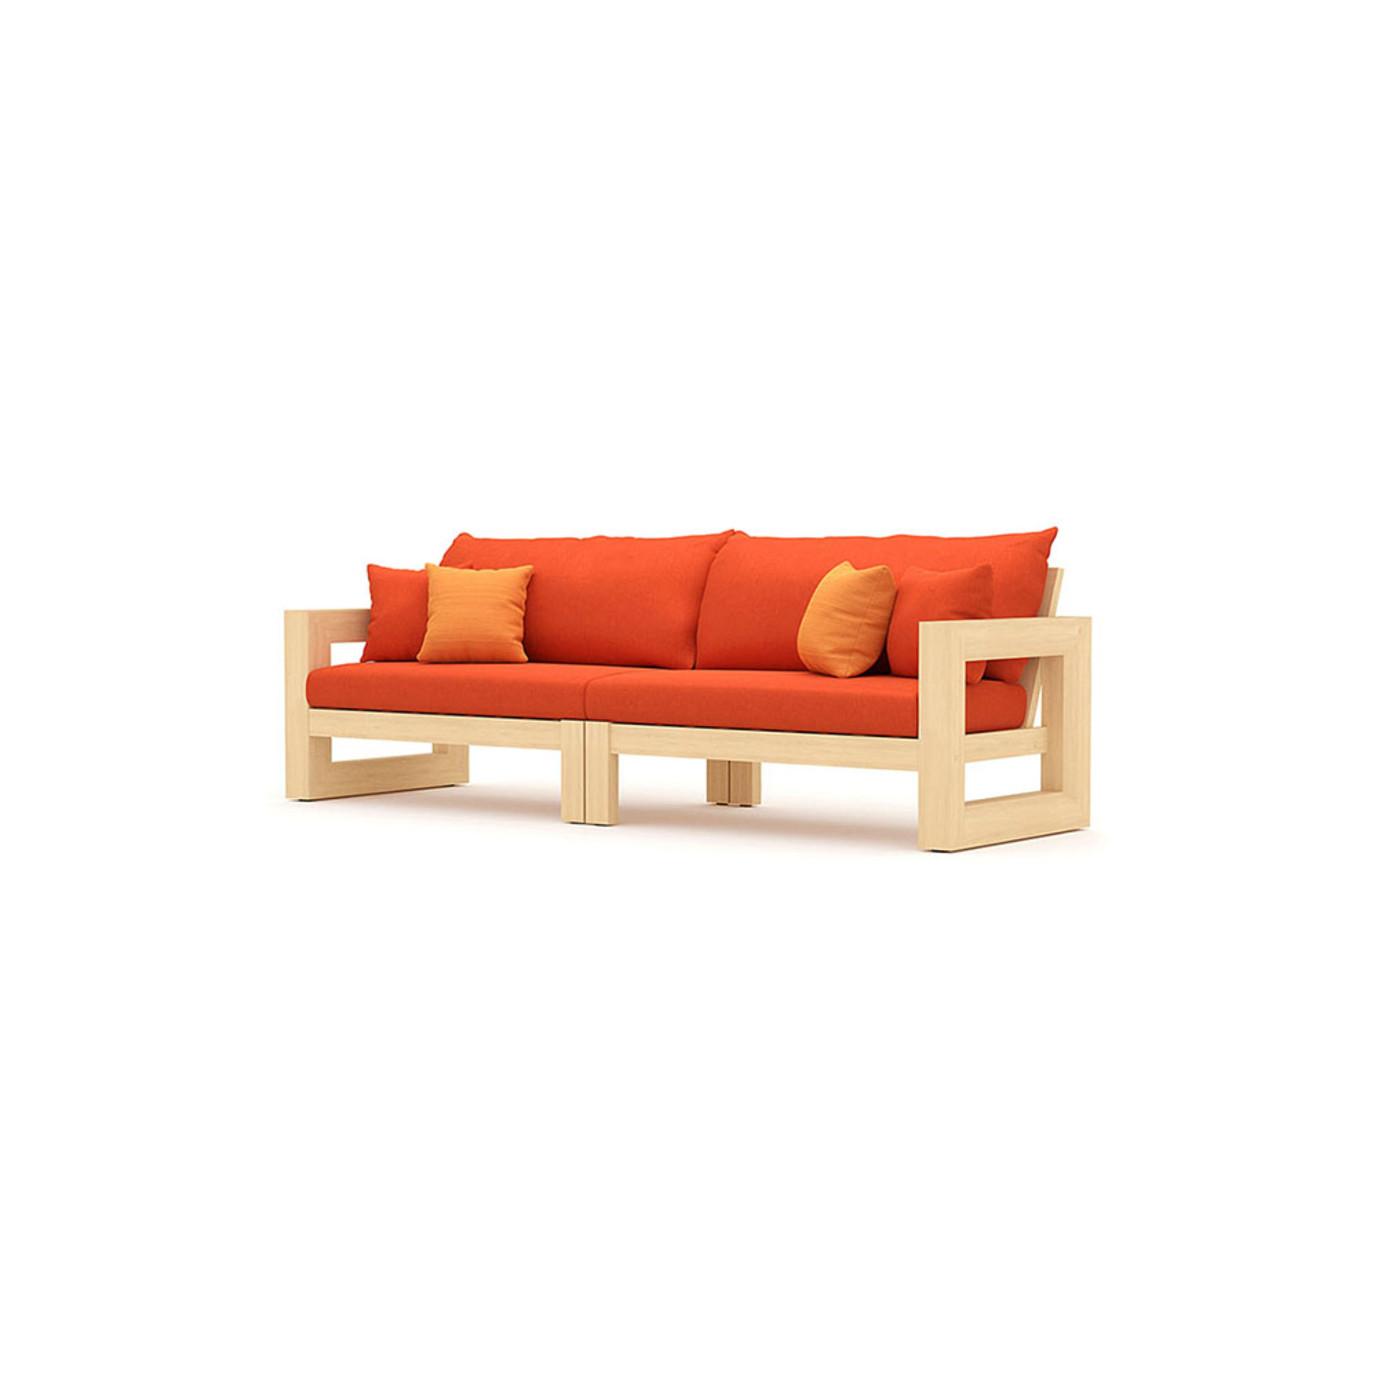 Benson 9pc Seating Set - Tikka Orange